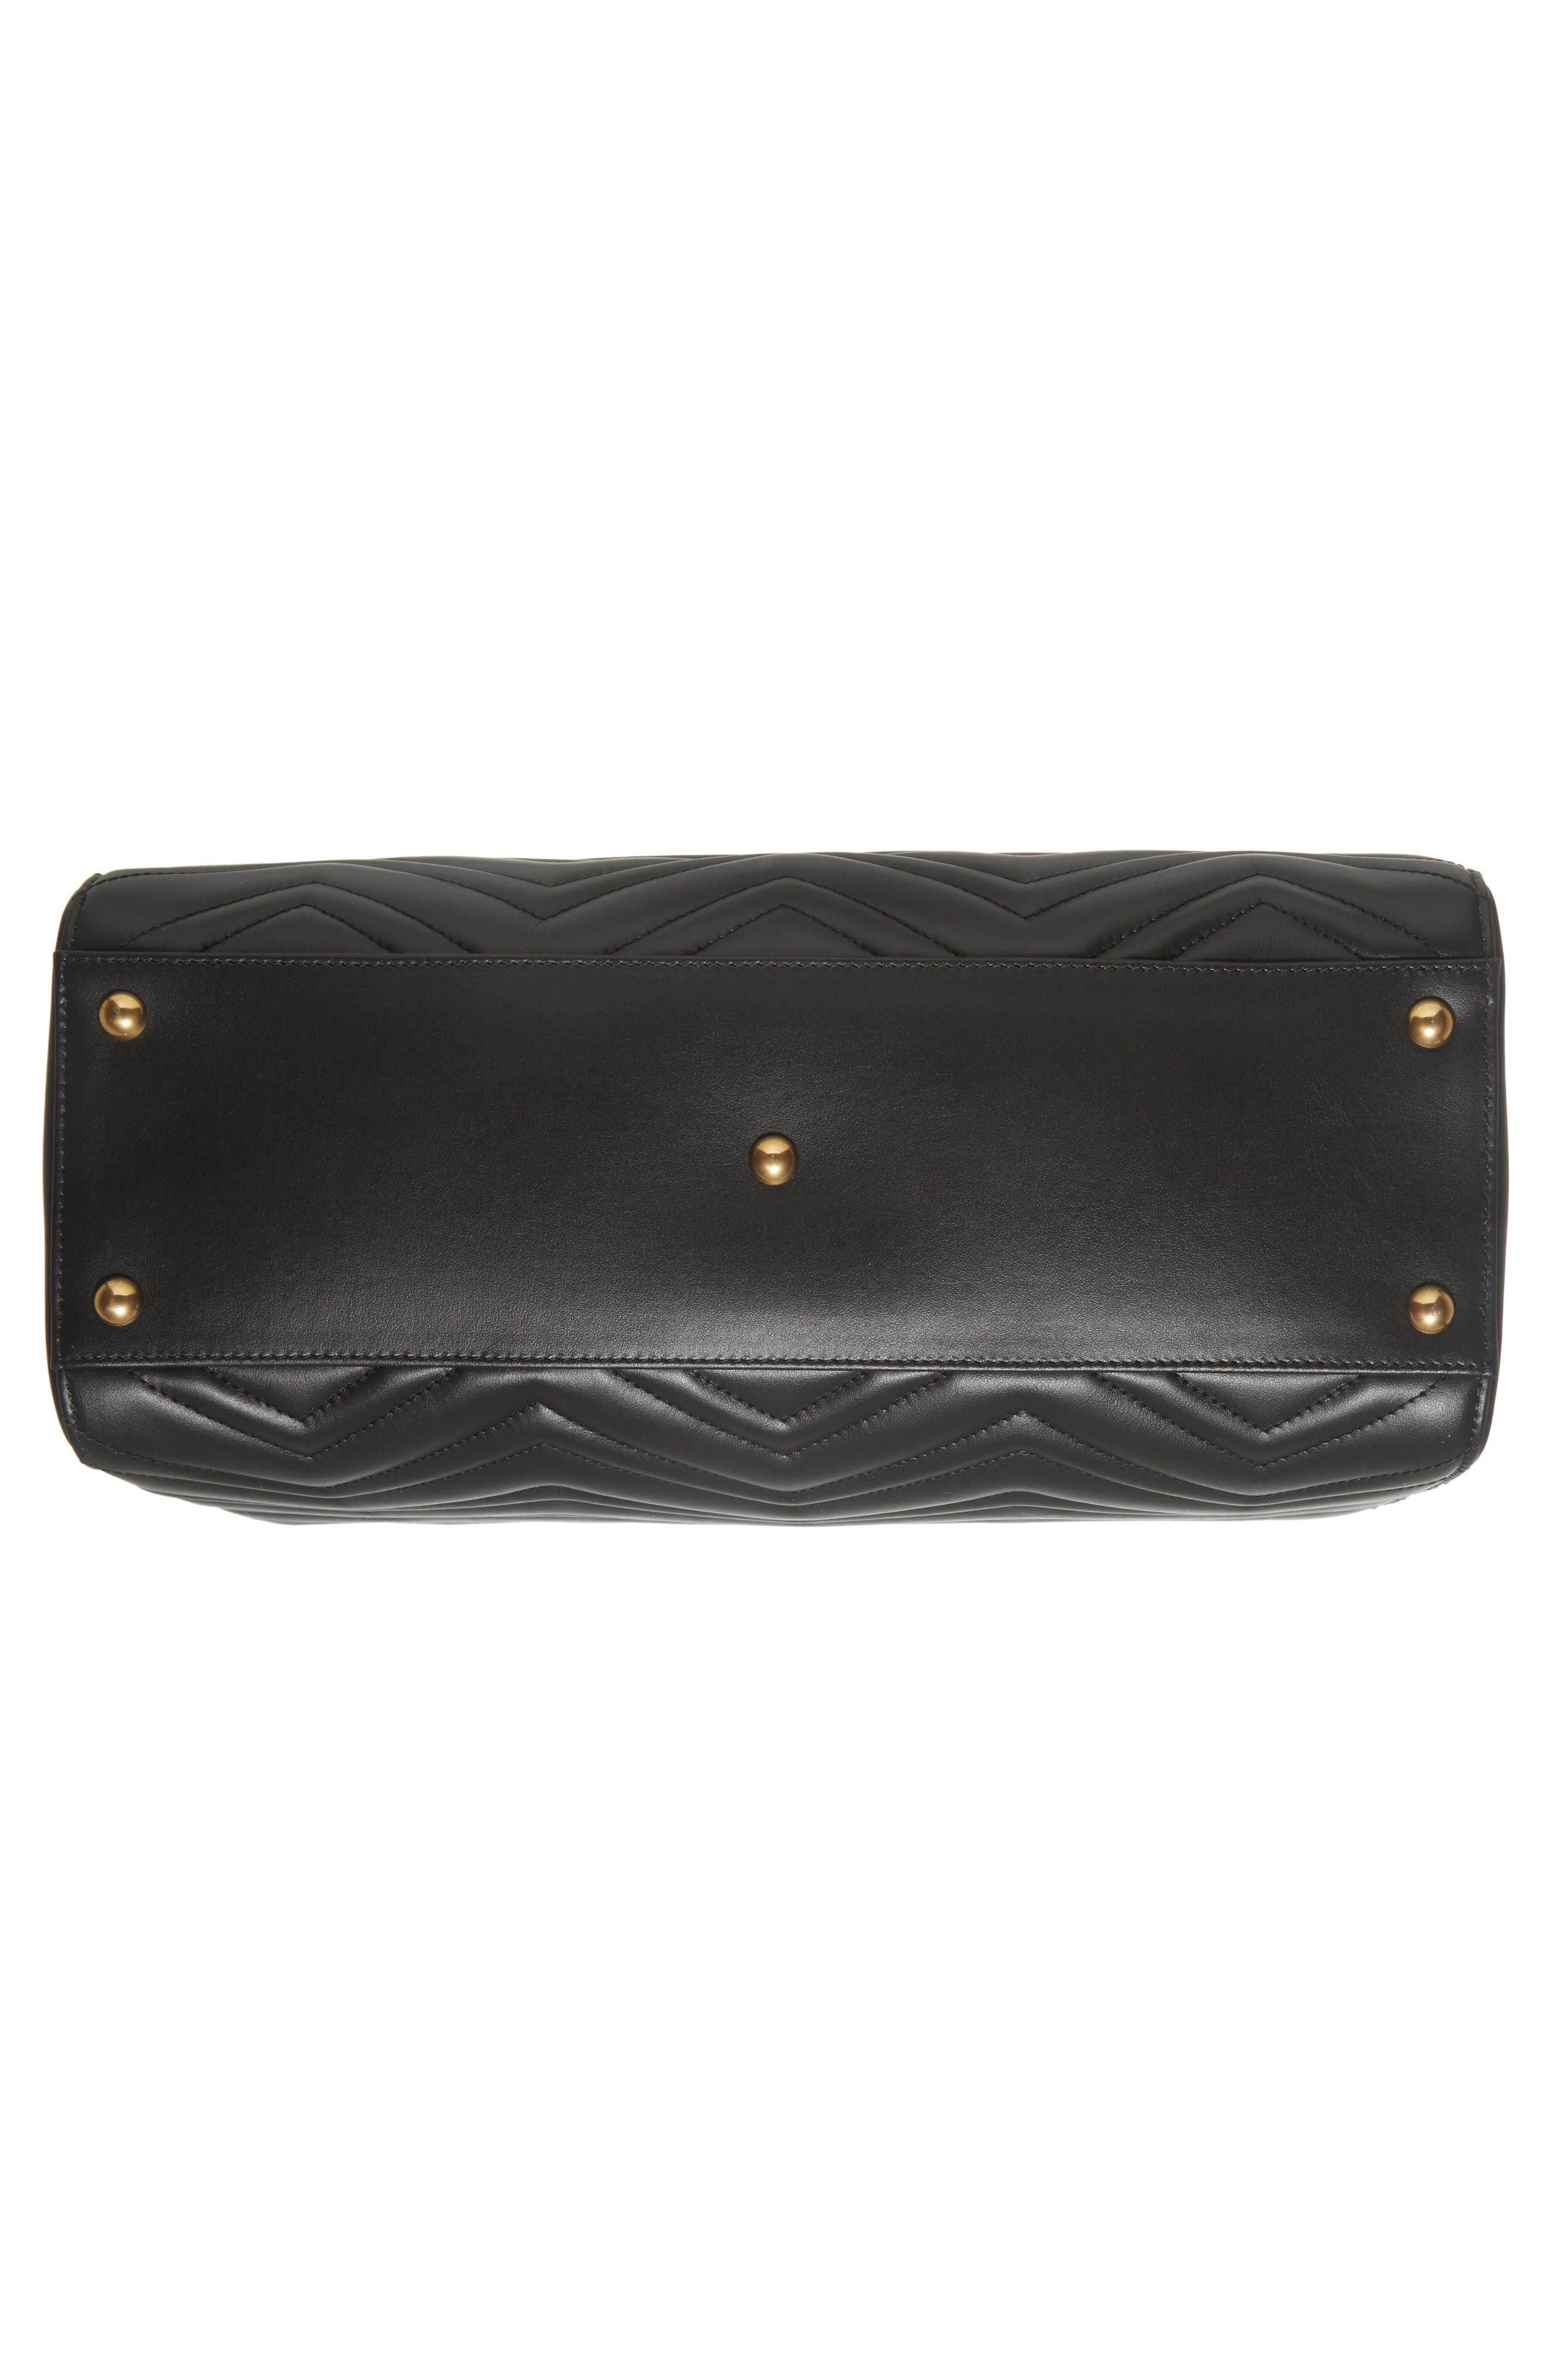 GG Marmont Medium Matelassé Leather Top Handle Shoulder Bag,                             Alternate thumbnail 6, color,                             005